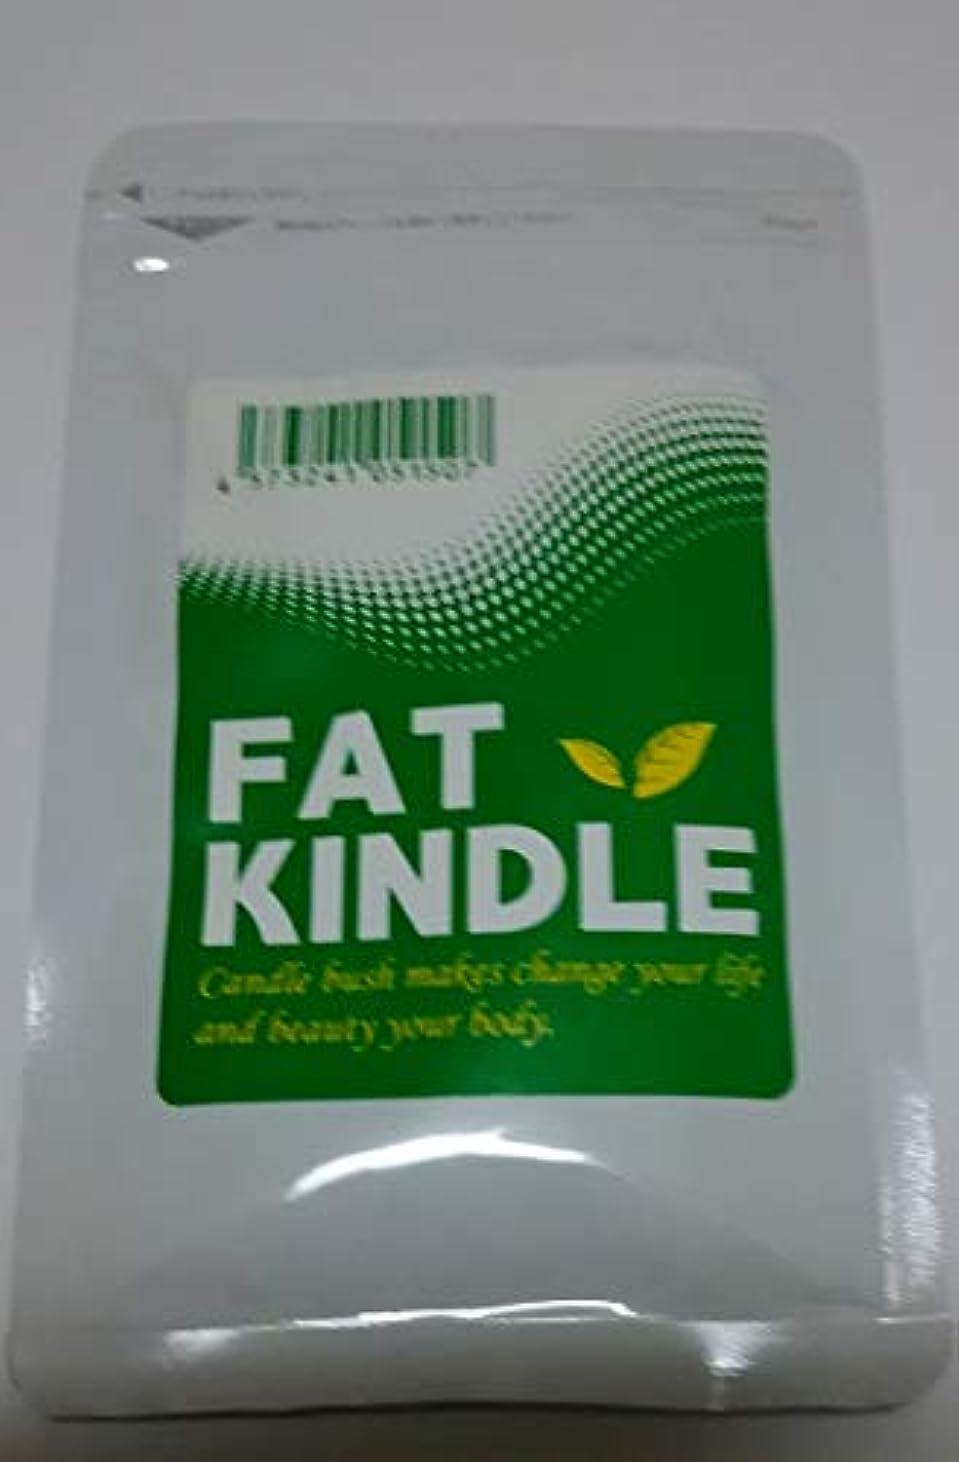 仕方巻き戻すリラックスファットキンドル FAT KINDLE 90粒 キャンドルブッシュ ダイエットサポート